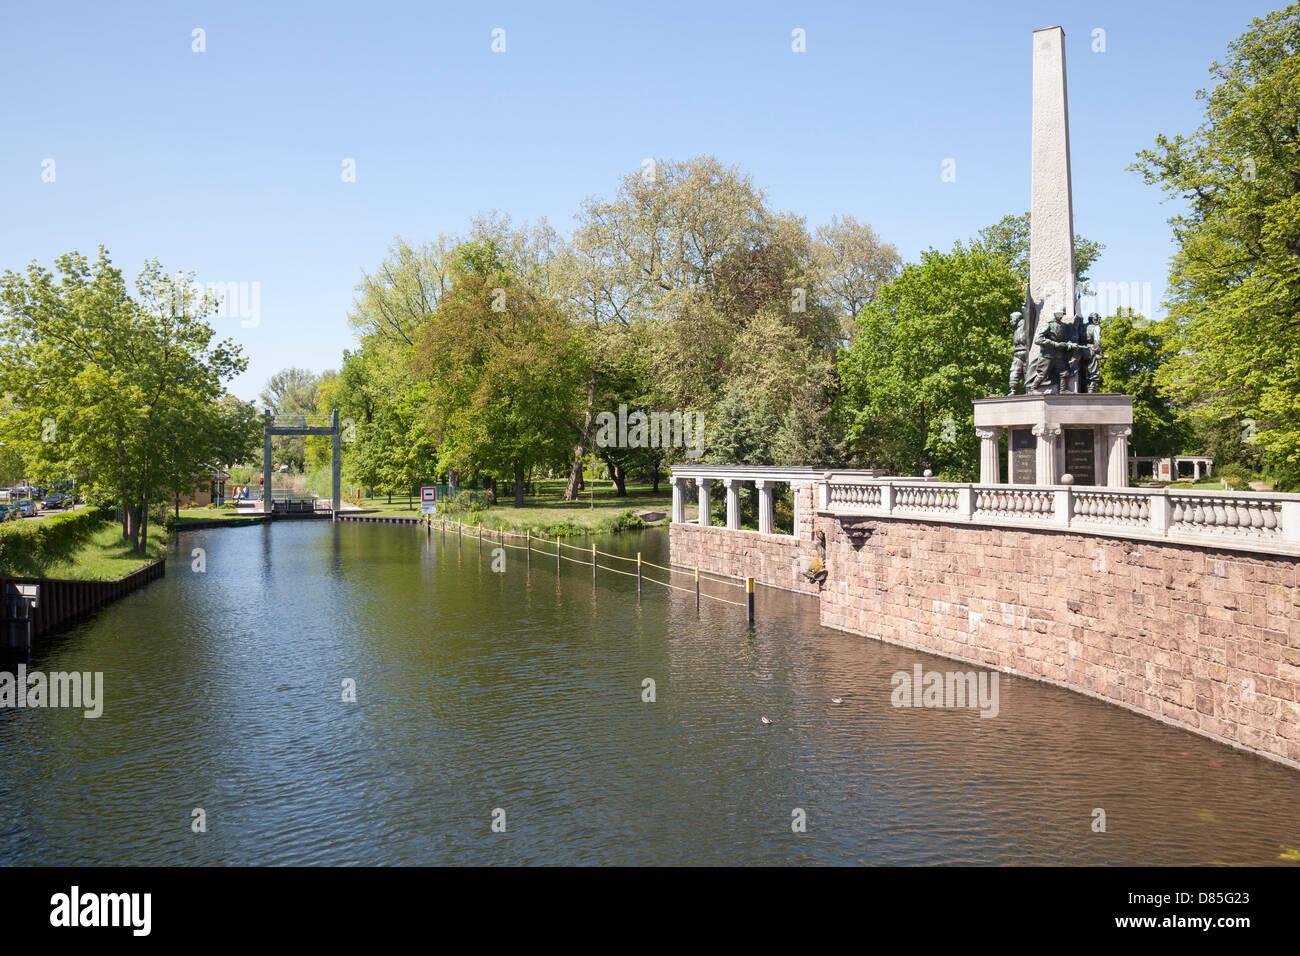 Stadt-Kanal und sowjetischen Ehrenmal, Brandenburg ein der Havel, Deutschland Stockbild